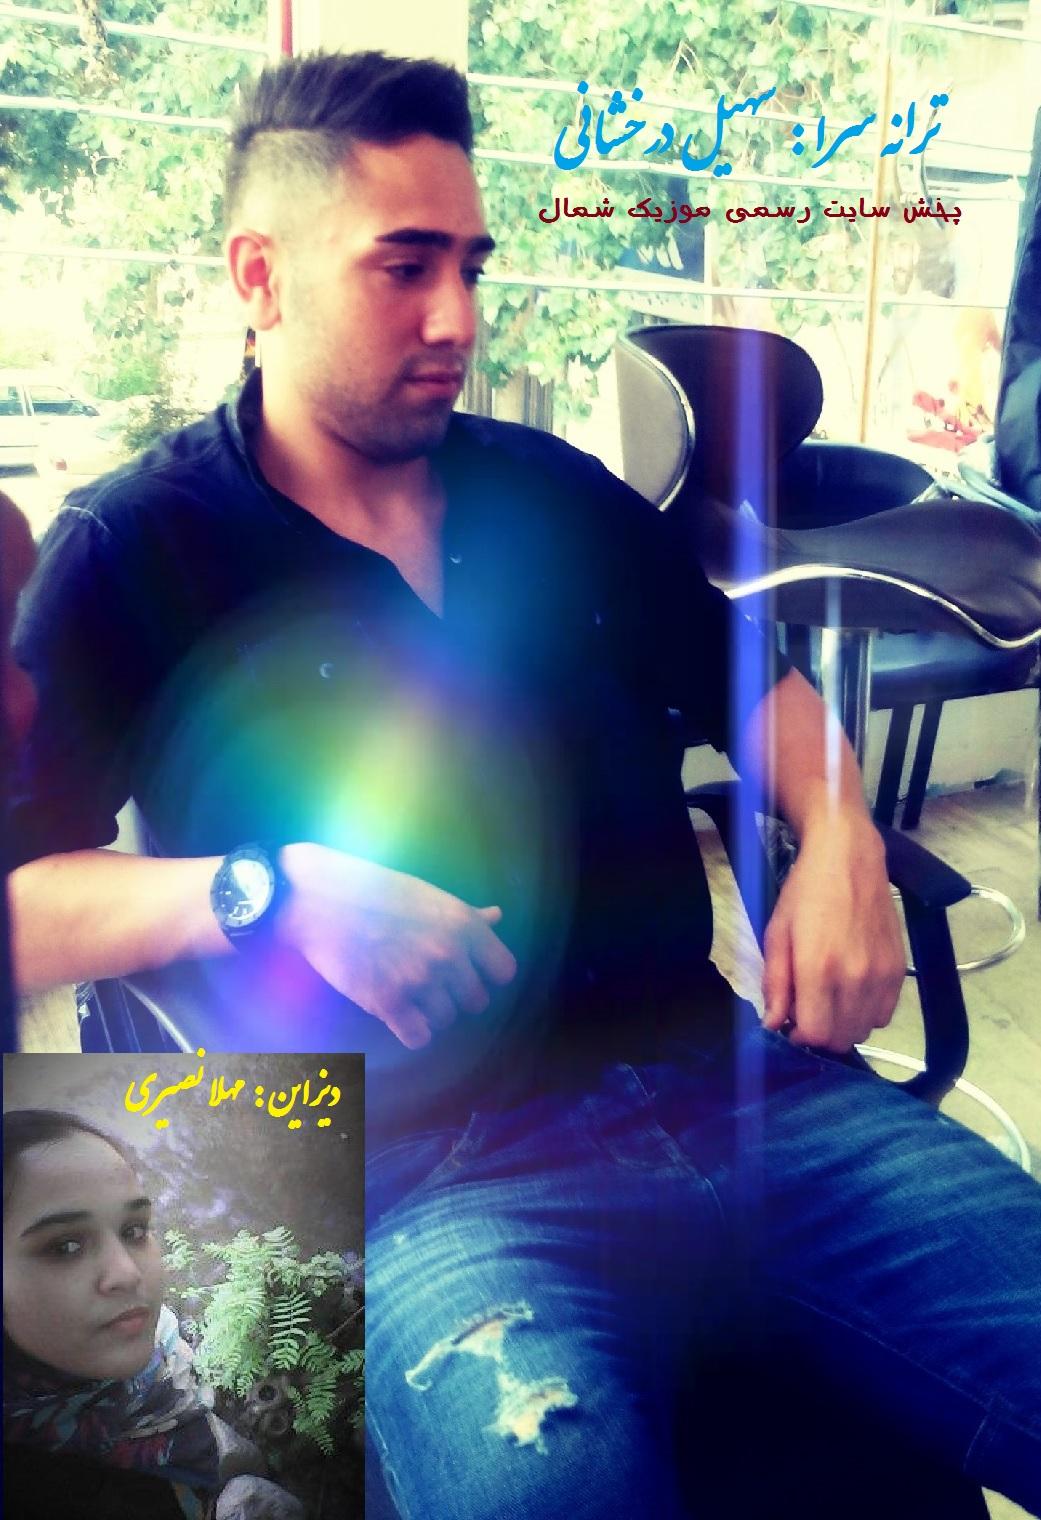 http://www.shomal-music.info/wp-content/uploads/2016/08/Mohsen-Tajeri-Neka-Sari.jpg